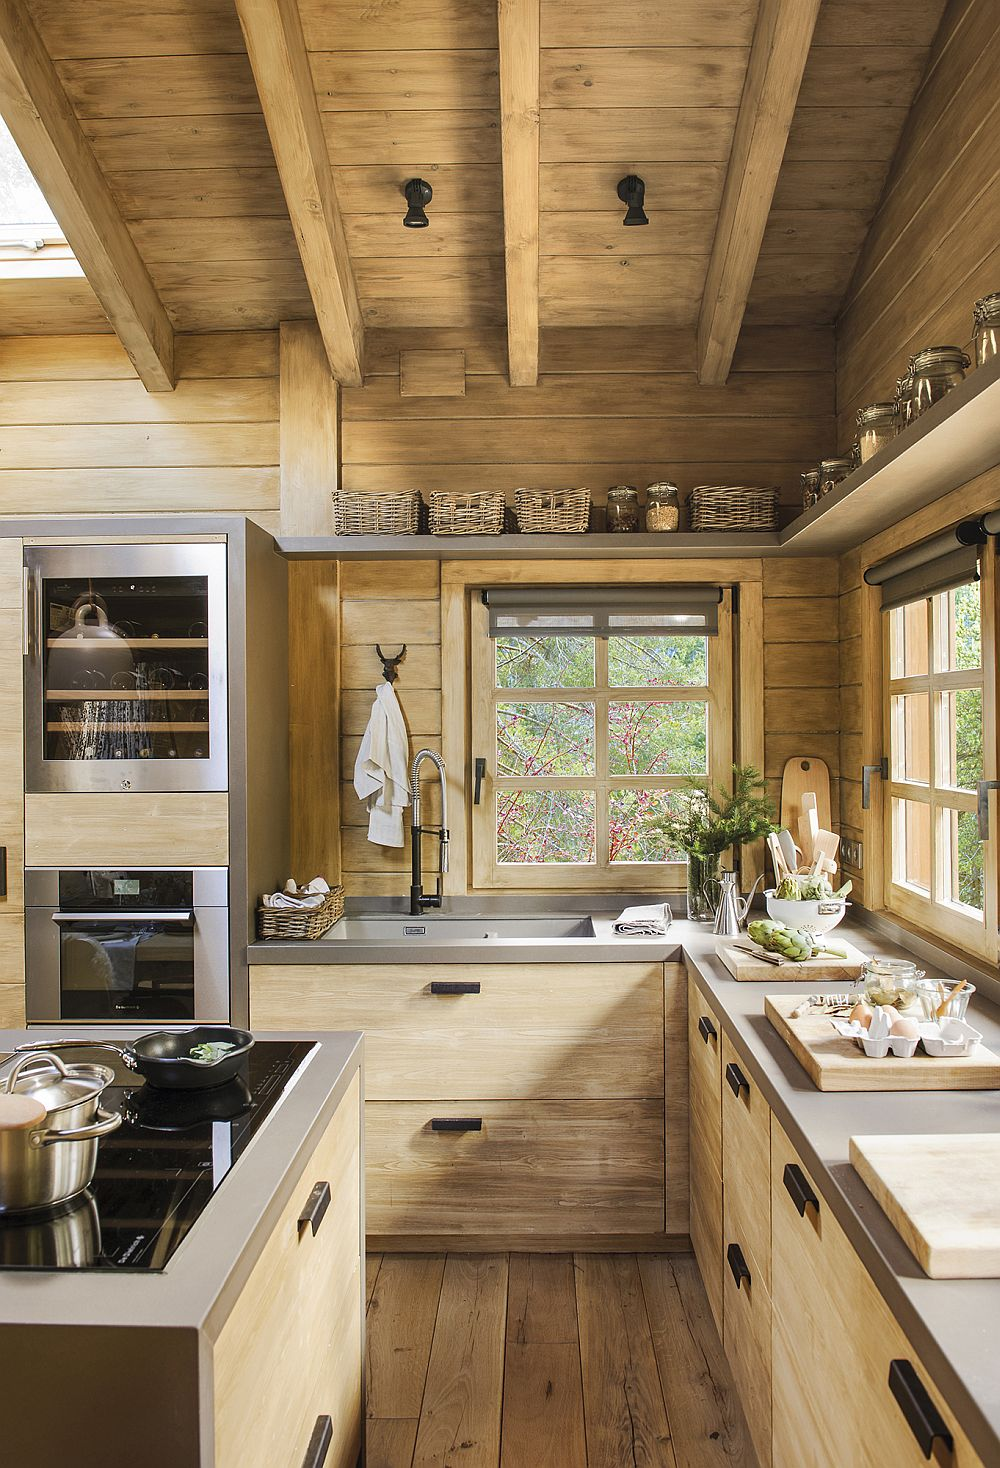 Pentru a configura o bucătărie practică și sigură, decoratoarea a prevăzut o masă insulă pe care să fie poziționată plita. Astfel, nu există niciun risc de accidente pentru că plita nu putea fi montată pe blatul din fața ferestrelor. De remarcat cât de armonios este plasat raftul de deasupra ferestrelor în legătură cu dulapurile din zona de zi în care sunt încastrate electrocasnicele.